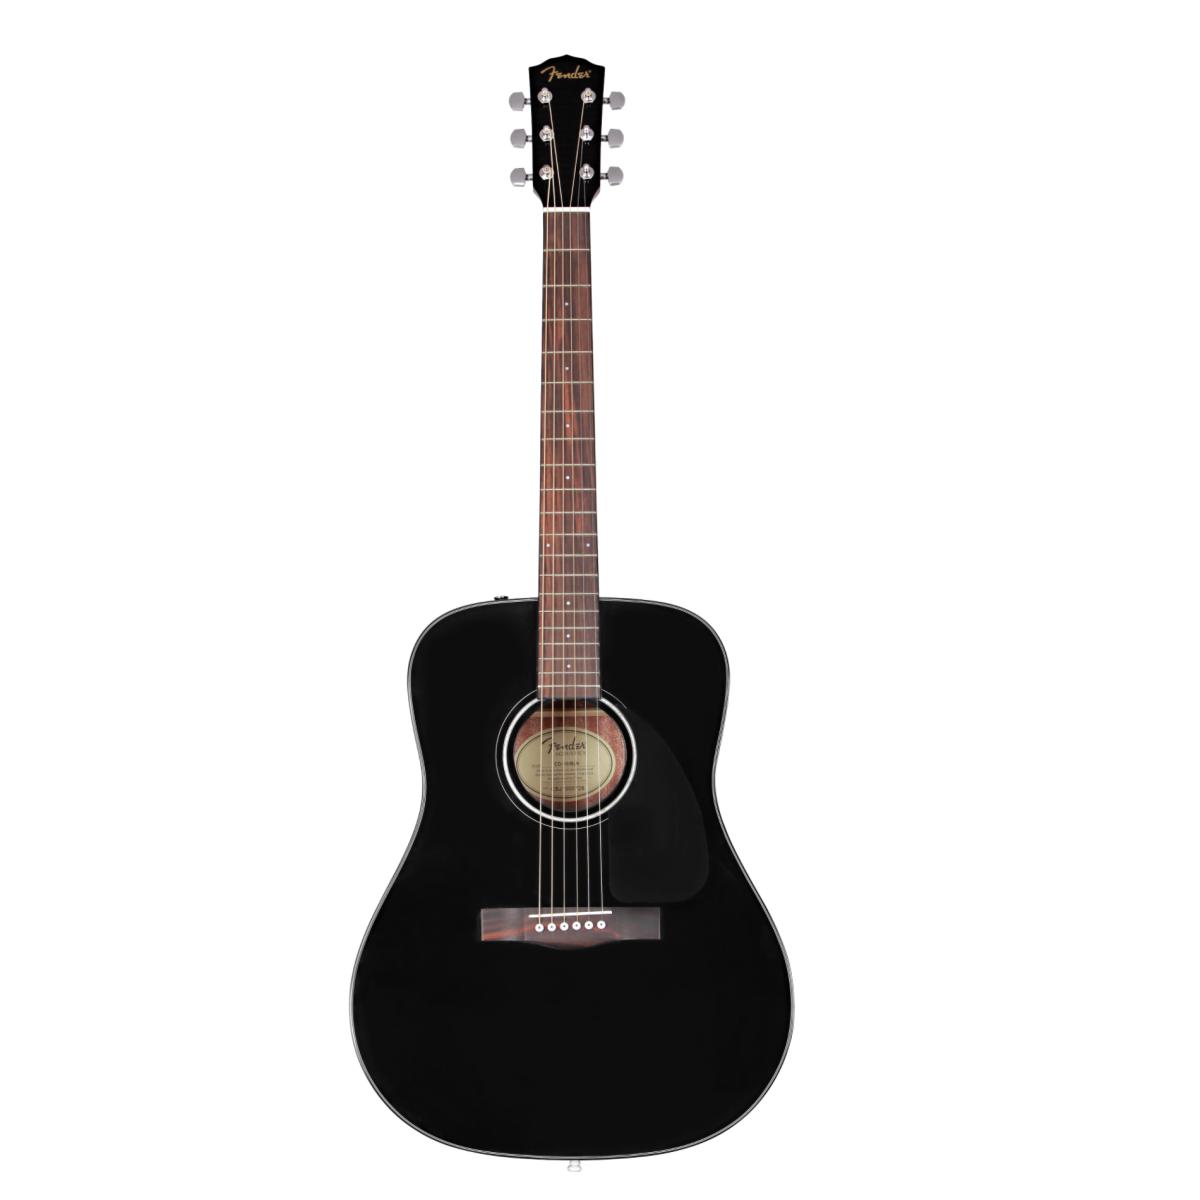 Fender 0970110206 CD-60 black